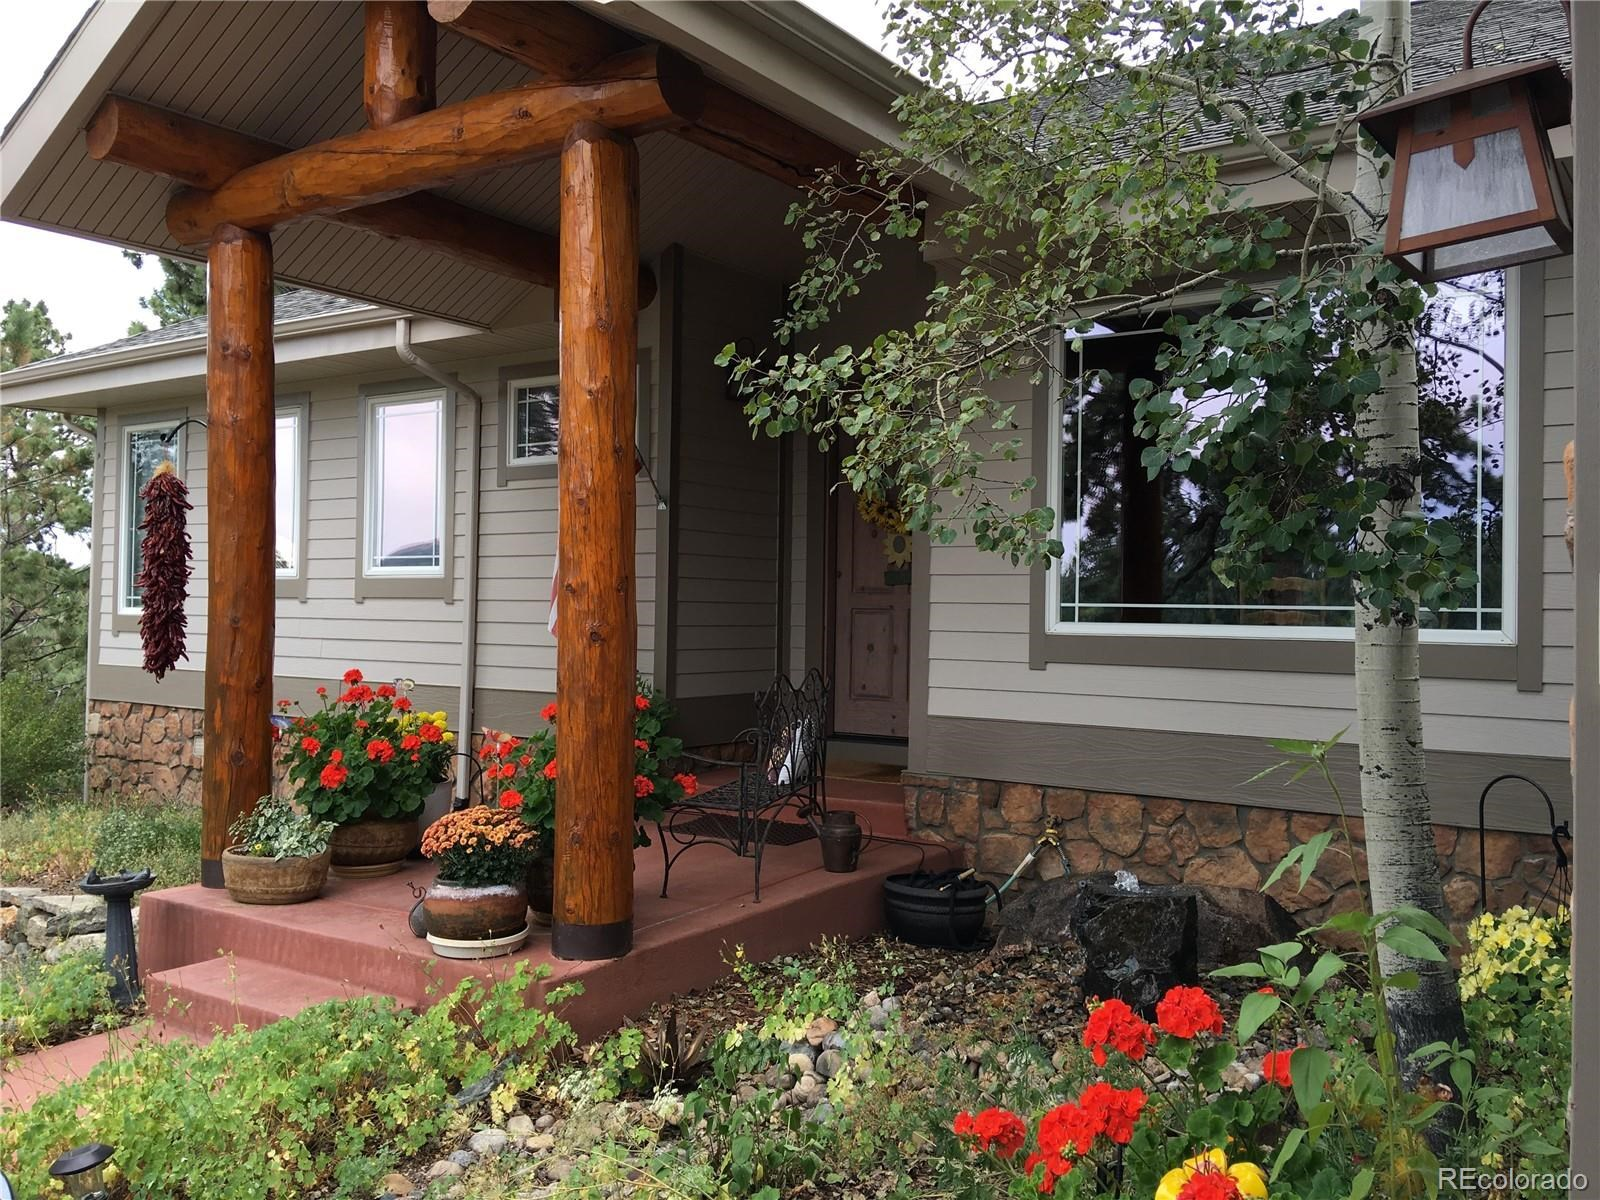 MLS# 7982246 - 3 - 13831 Douglas Ranch Drive, Pine, CO 80470